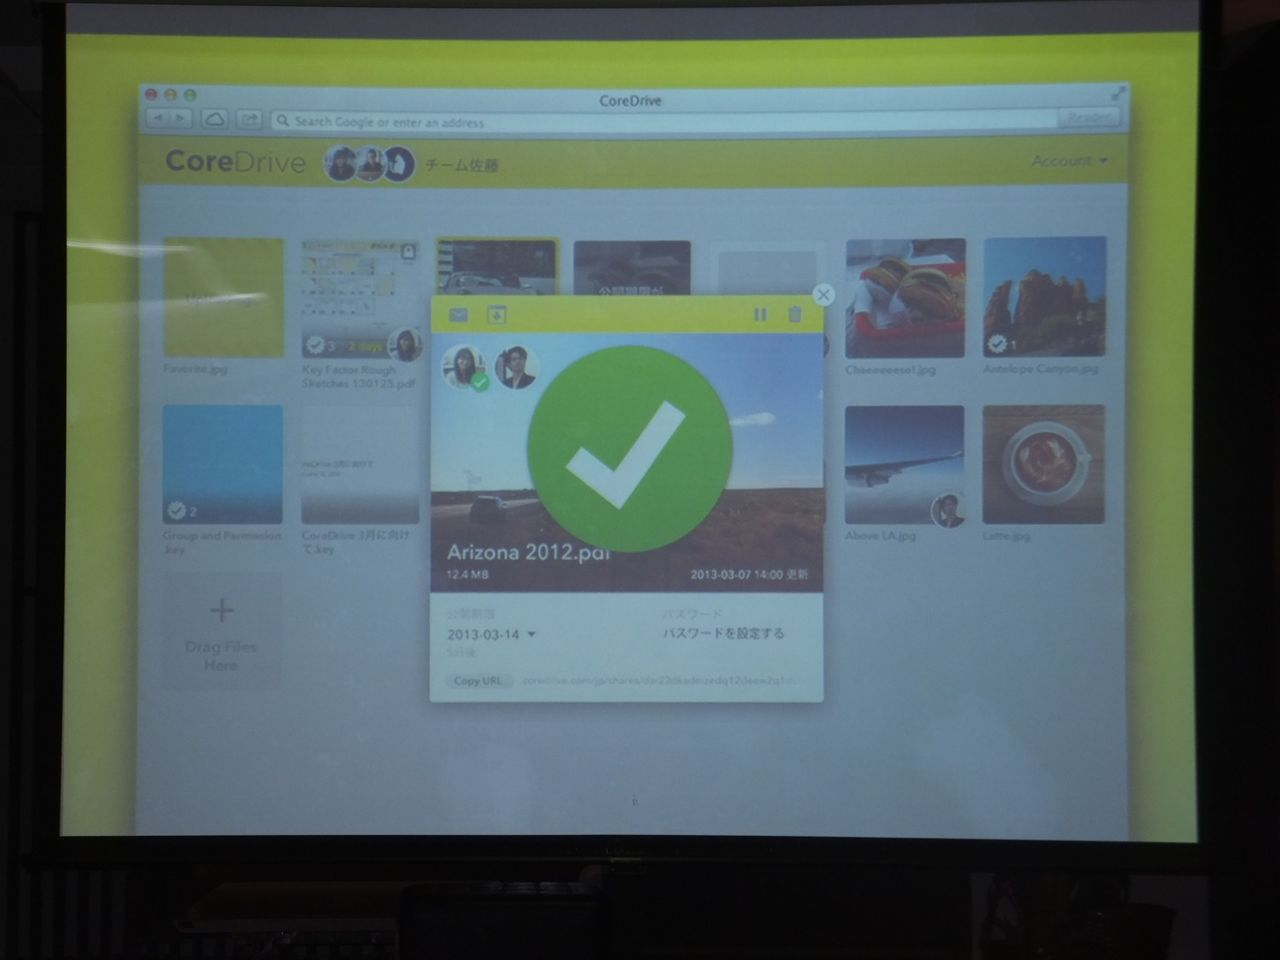 日本発で世界へ羽ばたくクラウドサービス 新ファイル共有サービスの「CoreDrive」